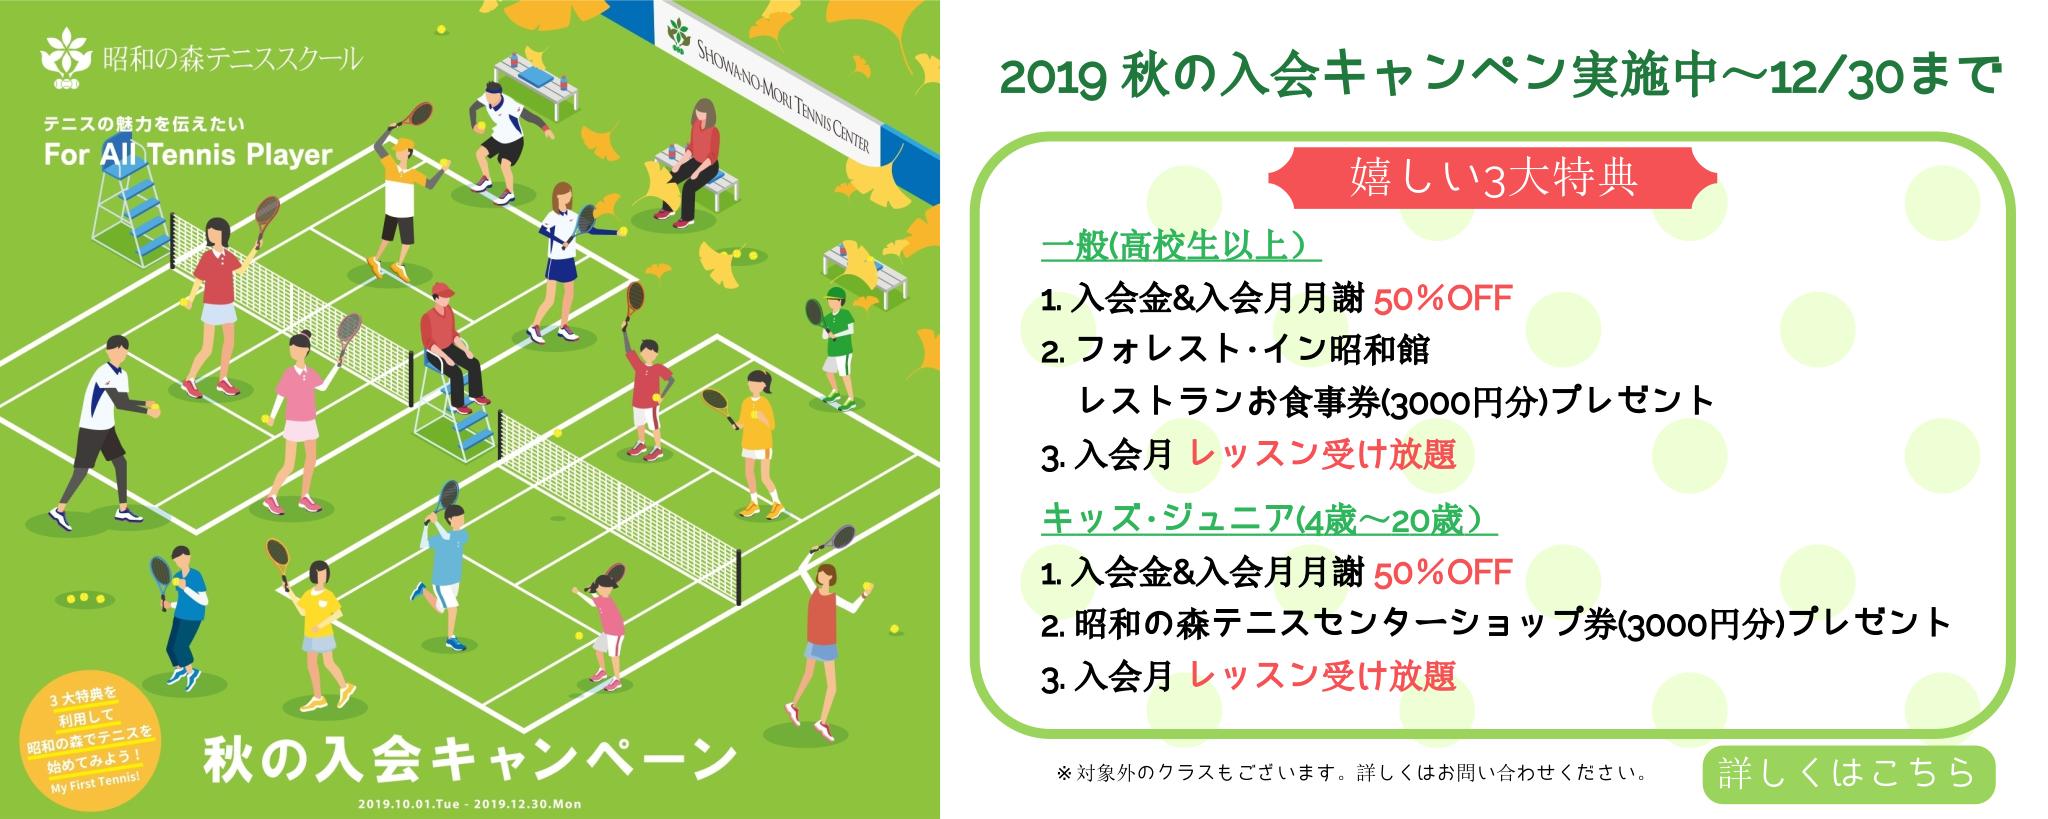 テニススクール秋の入会キャンペーン